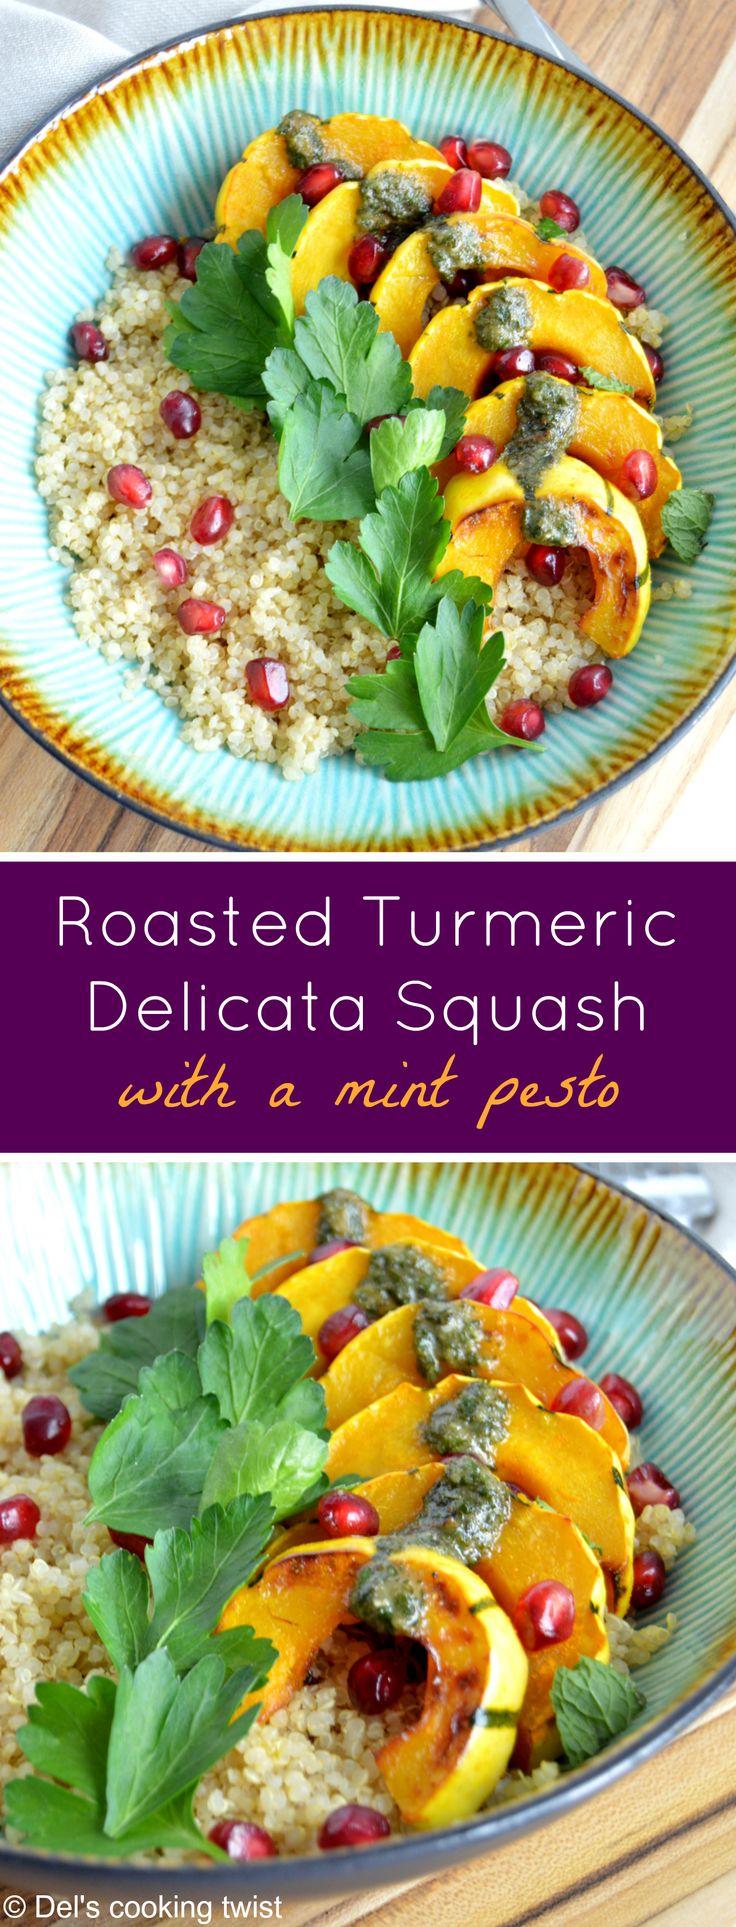 Roasted Turmeric Delicata Squash Quinoa Bowl with a Mint Pesto (Gluten Free)